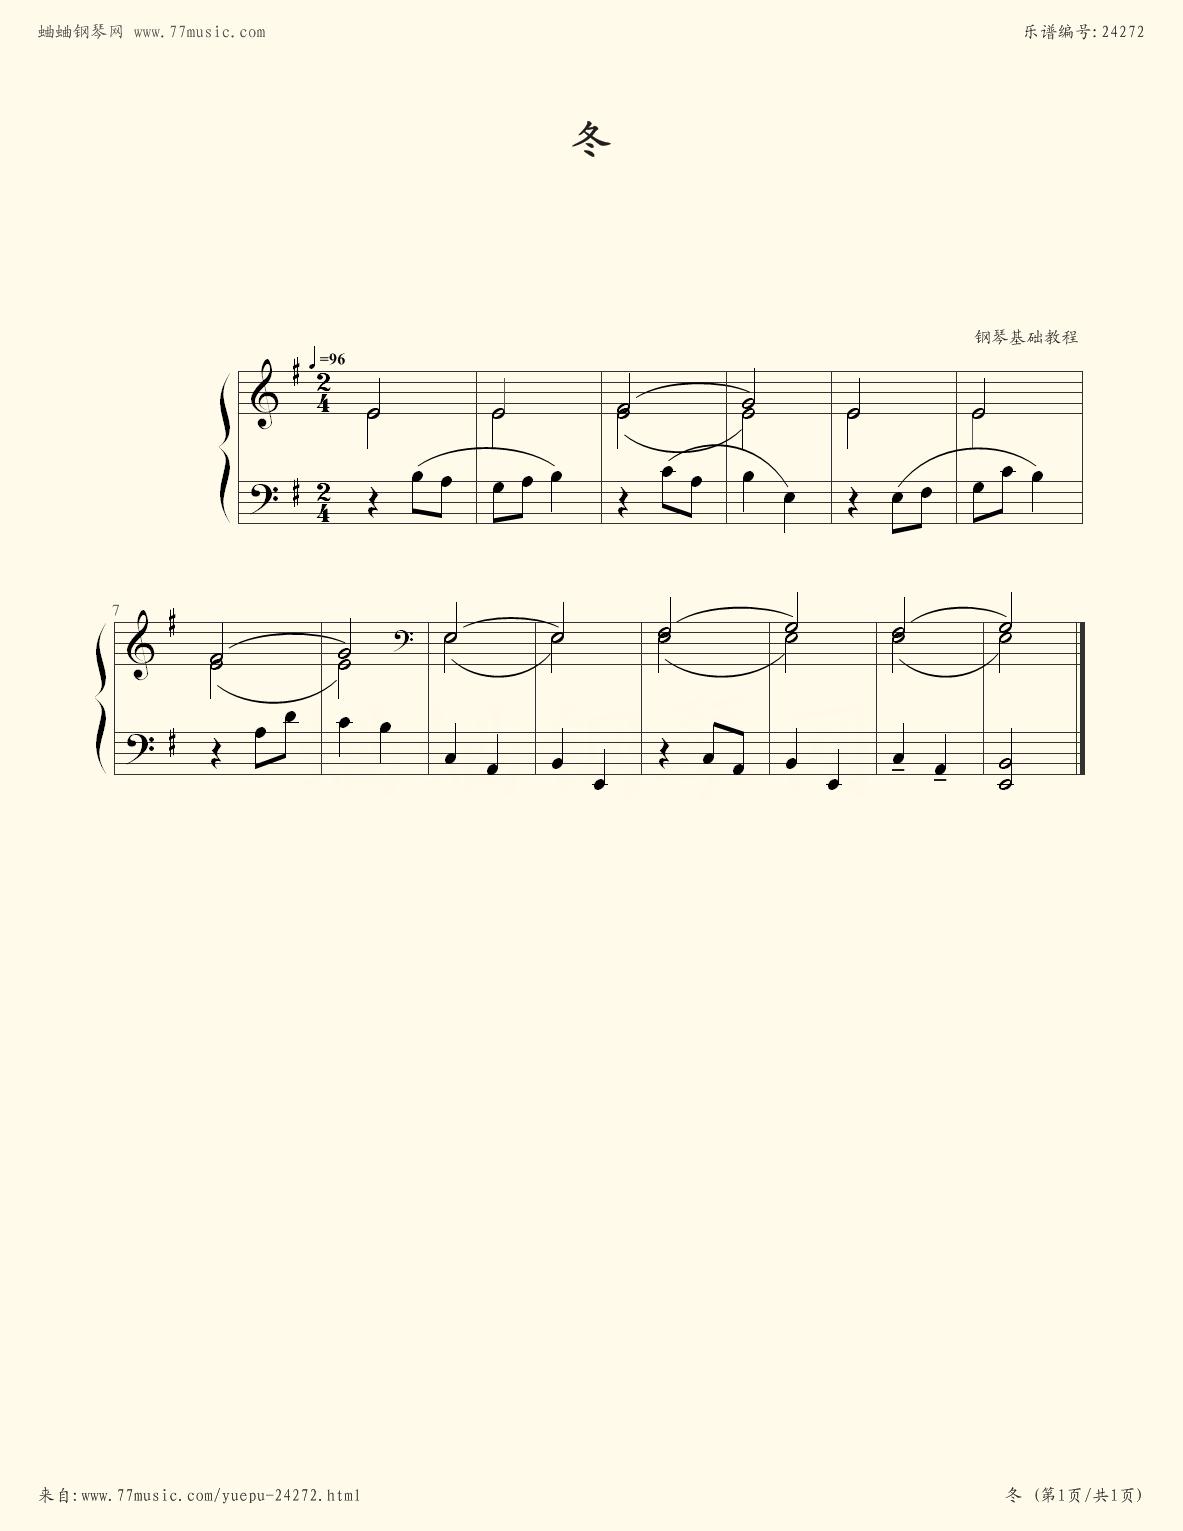 40 2007-12-08 五线谱中音符下面的小横杠是代表什么?图片